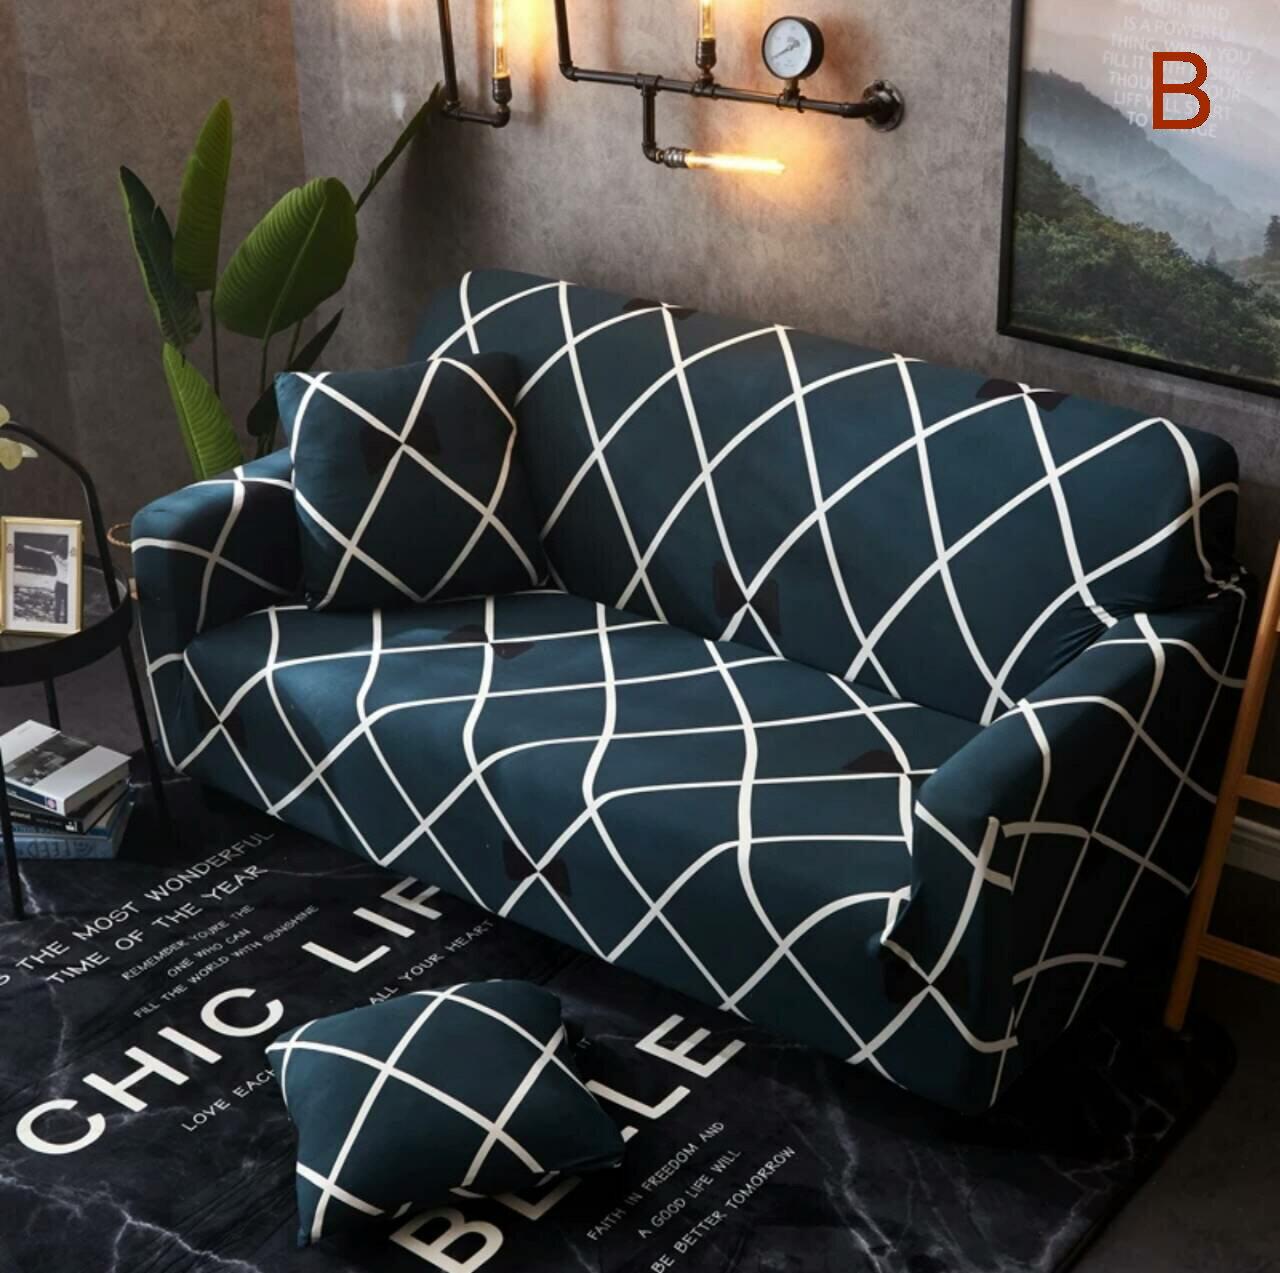 沙發套沙發罩【RS Home】最新45款沙發罩彈性沙發套沙發墊北歐工業床墊保潔墊彈簧床折疊沙發 [送抱枕套]